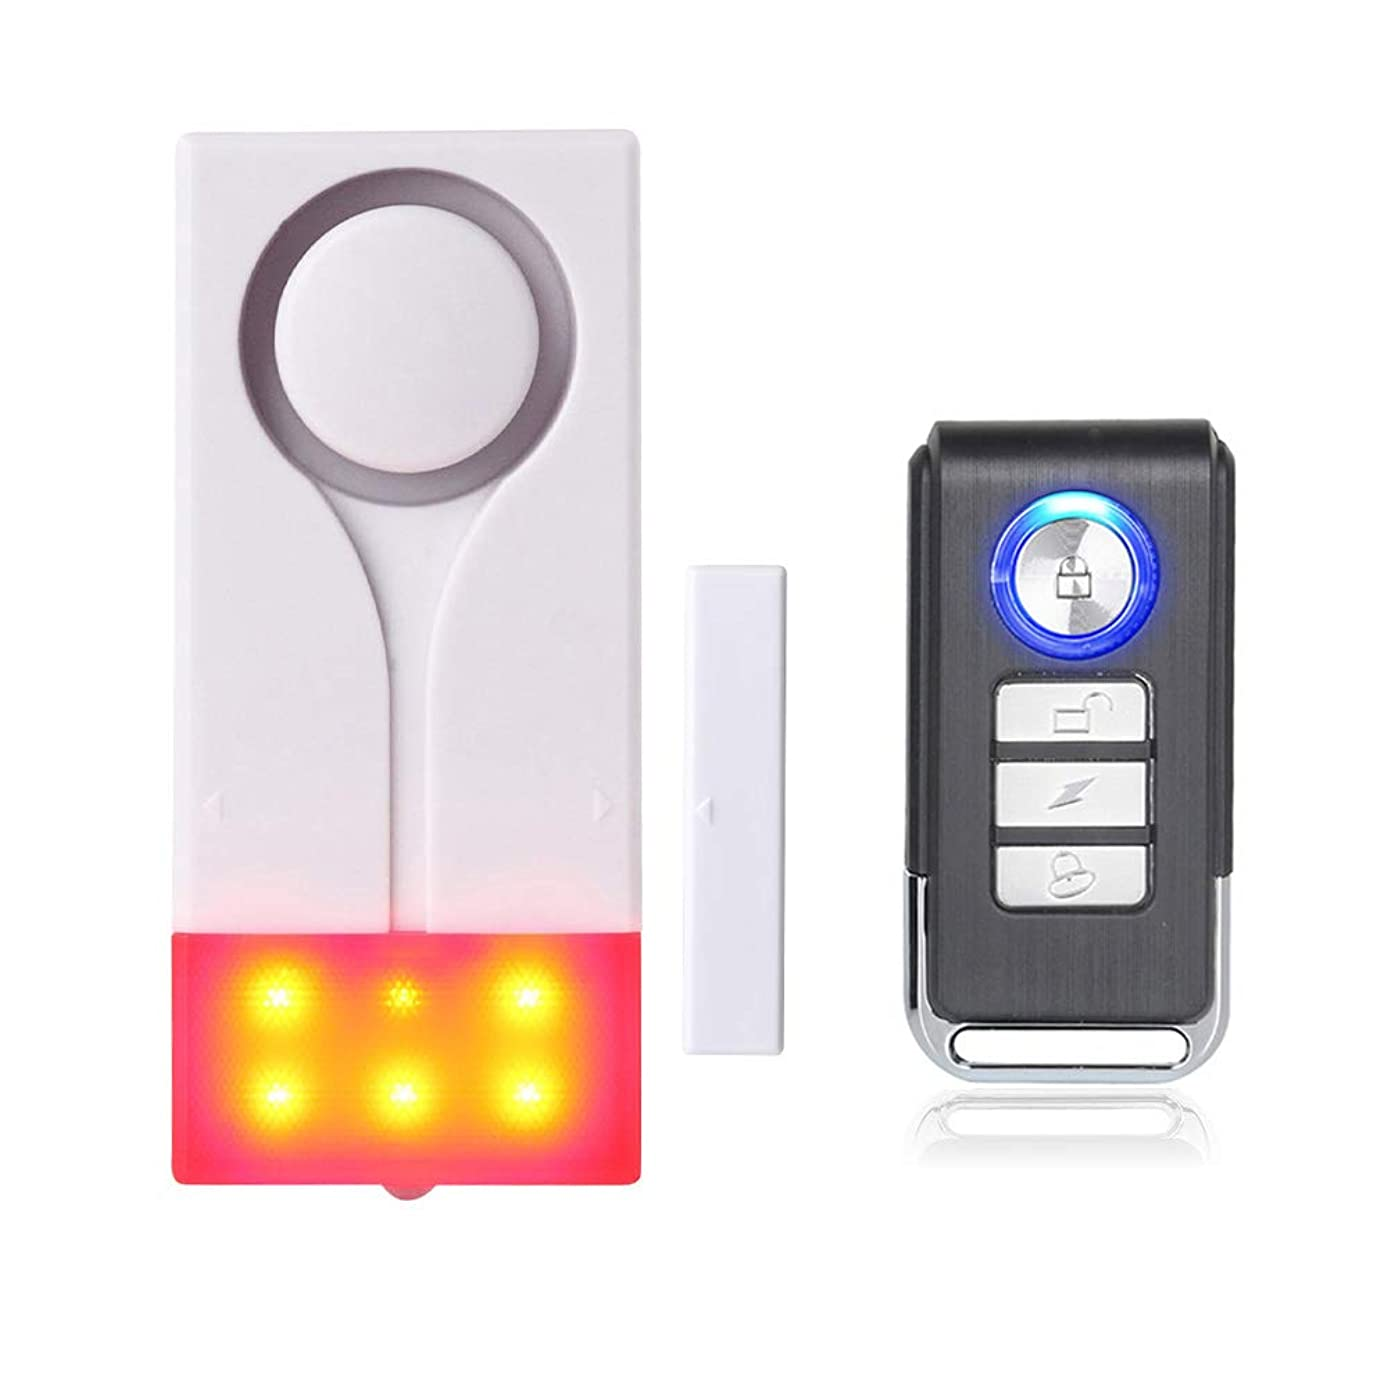 リム手術カウンタMengshen 磁気センサー アラーム ワイヤレス ライトサウンド ドア ウエイ ホーム セキュリティ M70